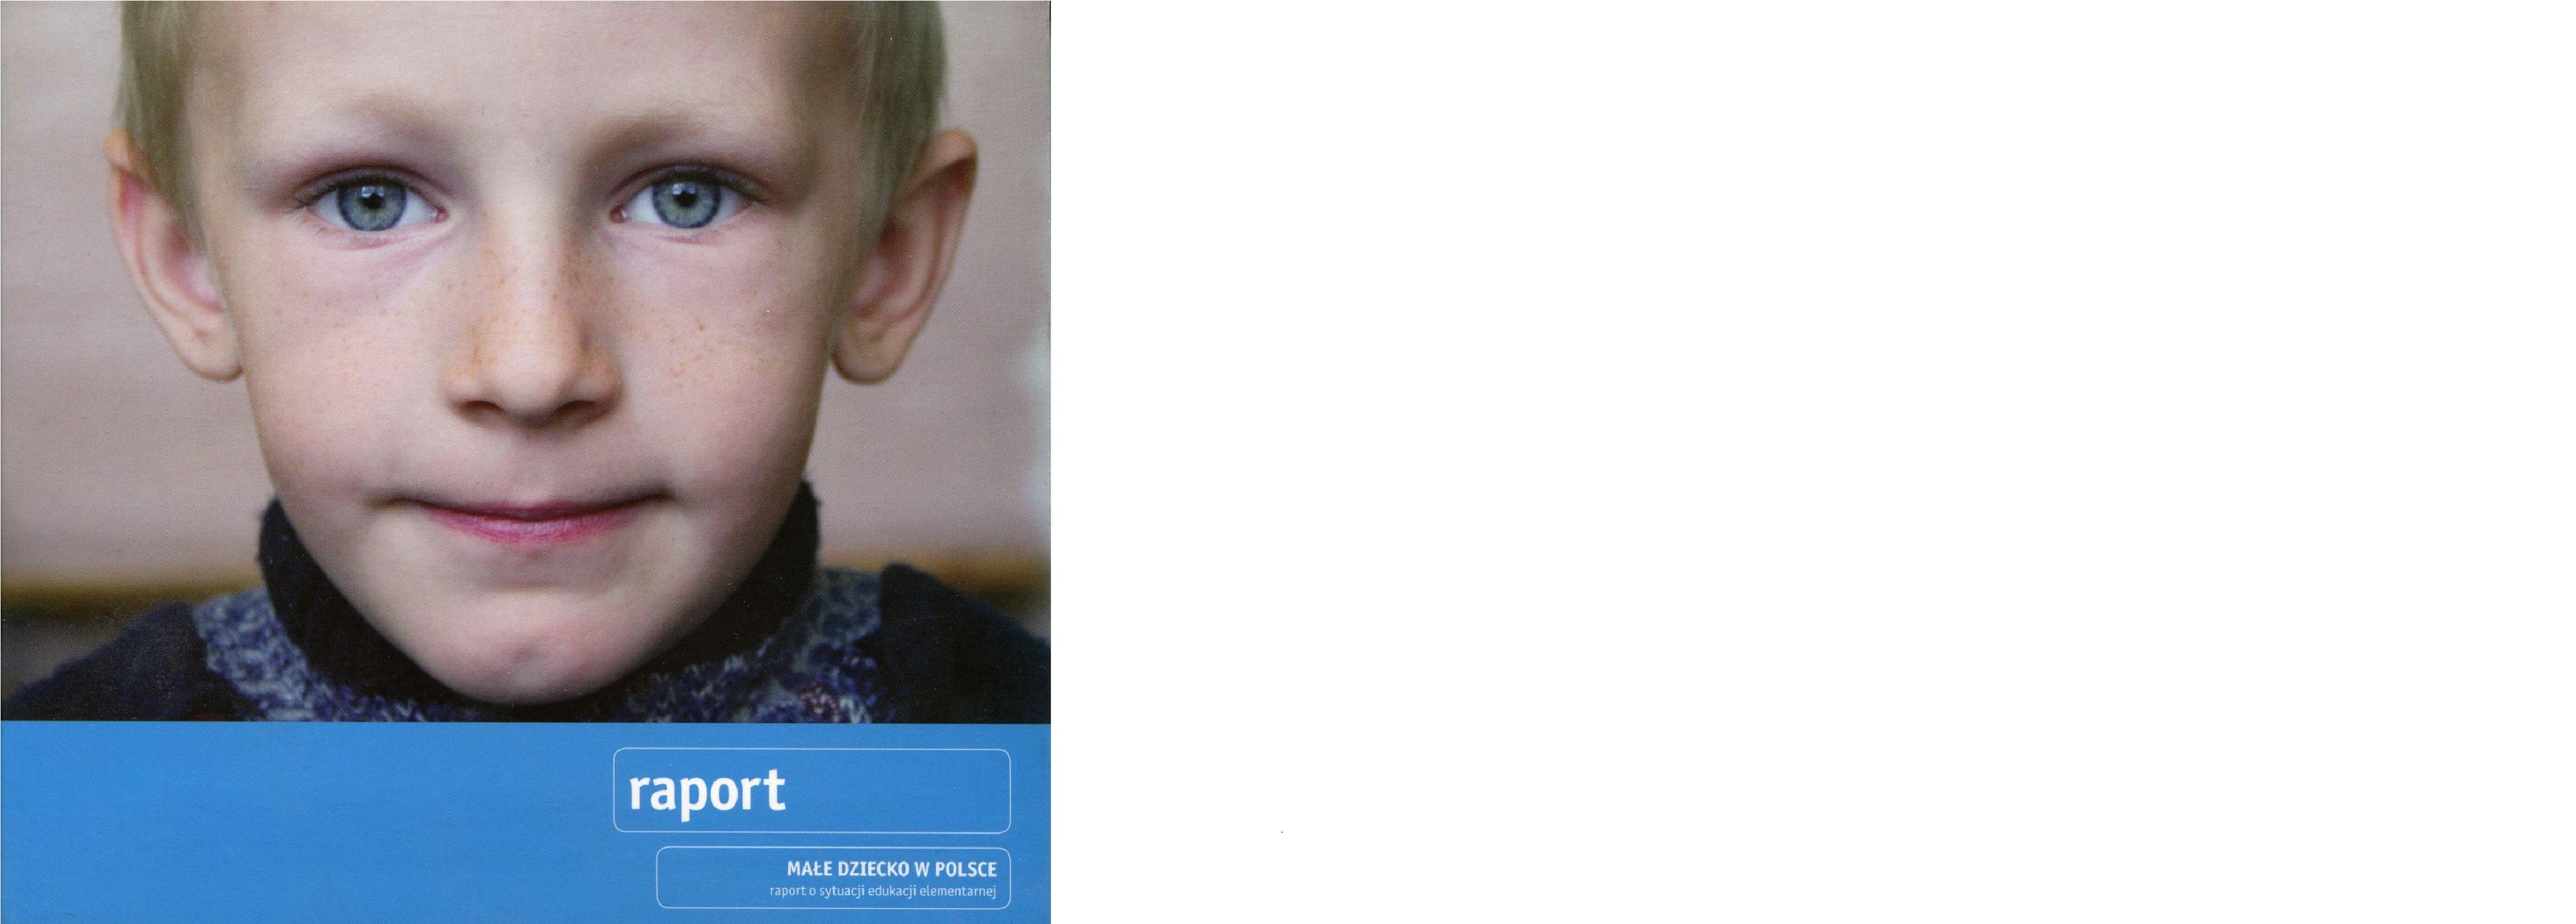 Małe dziecko w Polsce. Raport